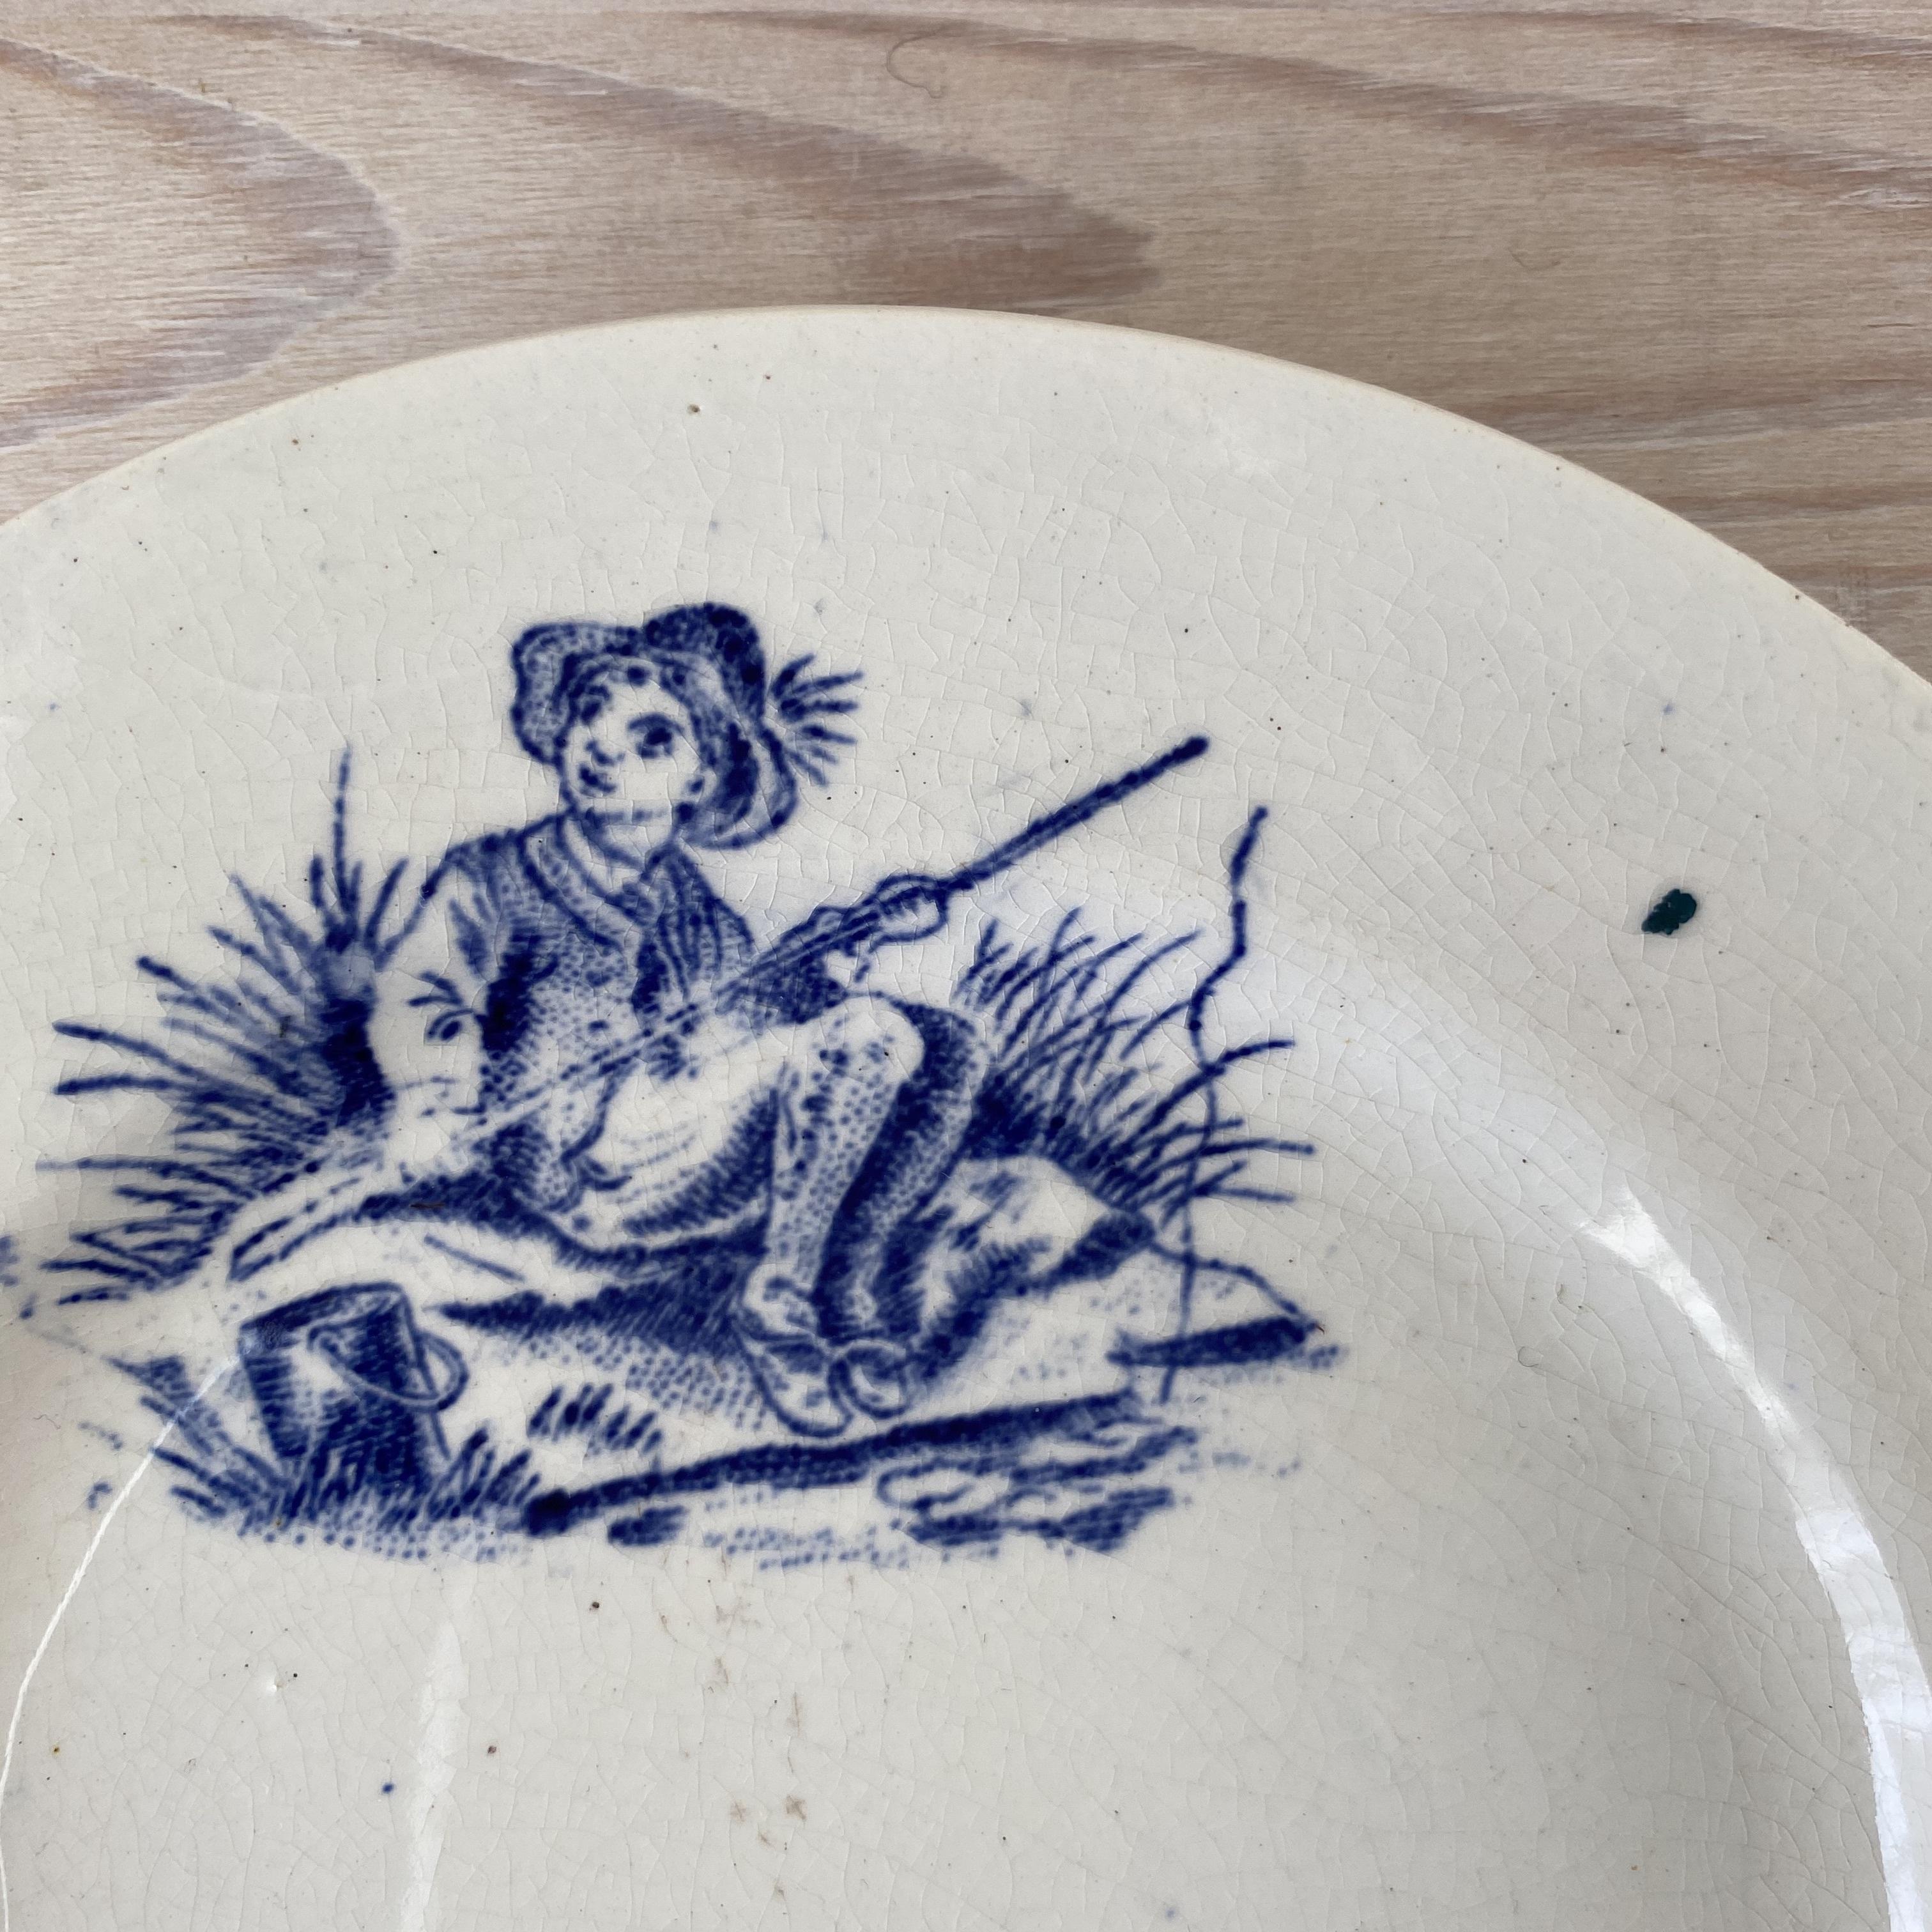 France ままごと・子供柄ディナープレート(釣りと子羊) / aa0060